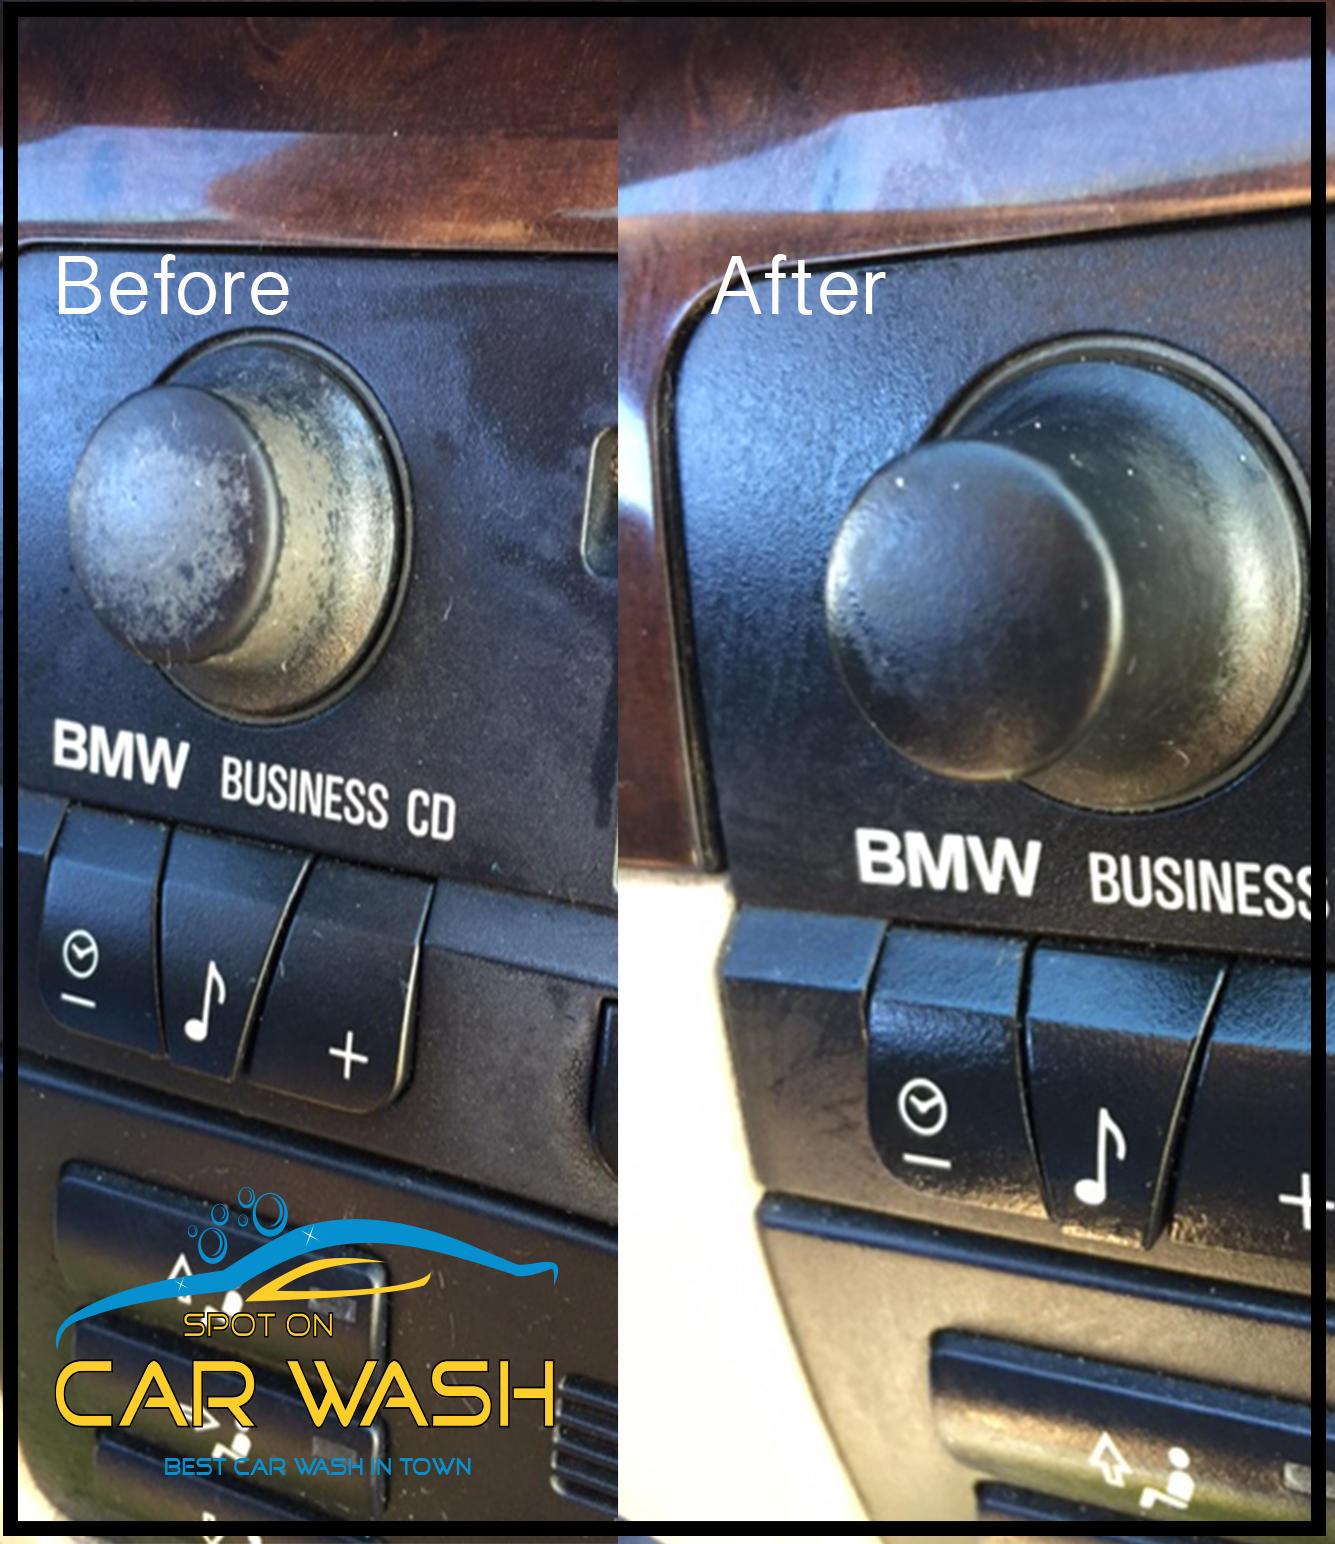 Spot on car wash auto spa 15145 mcgregor blvd fort myers fl car spot on car wash auto spa 15145 mcgregor blvd fort myers fl car washes mapquest solutioingenieria Images